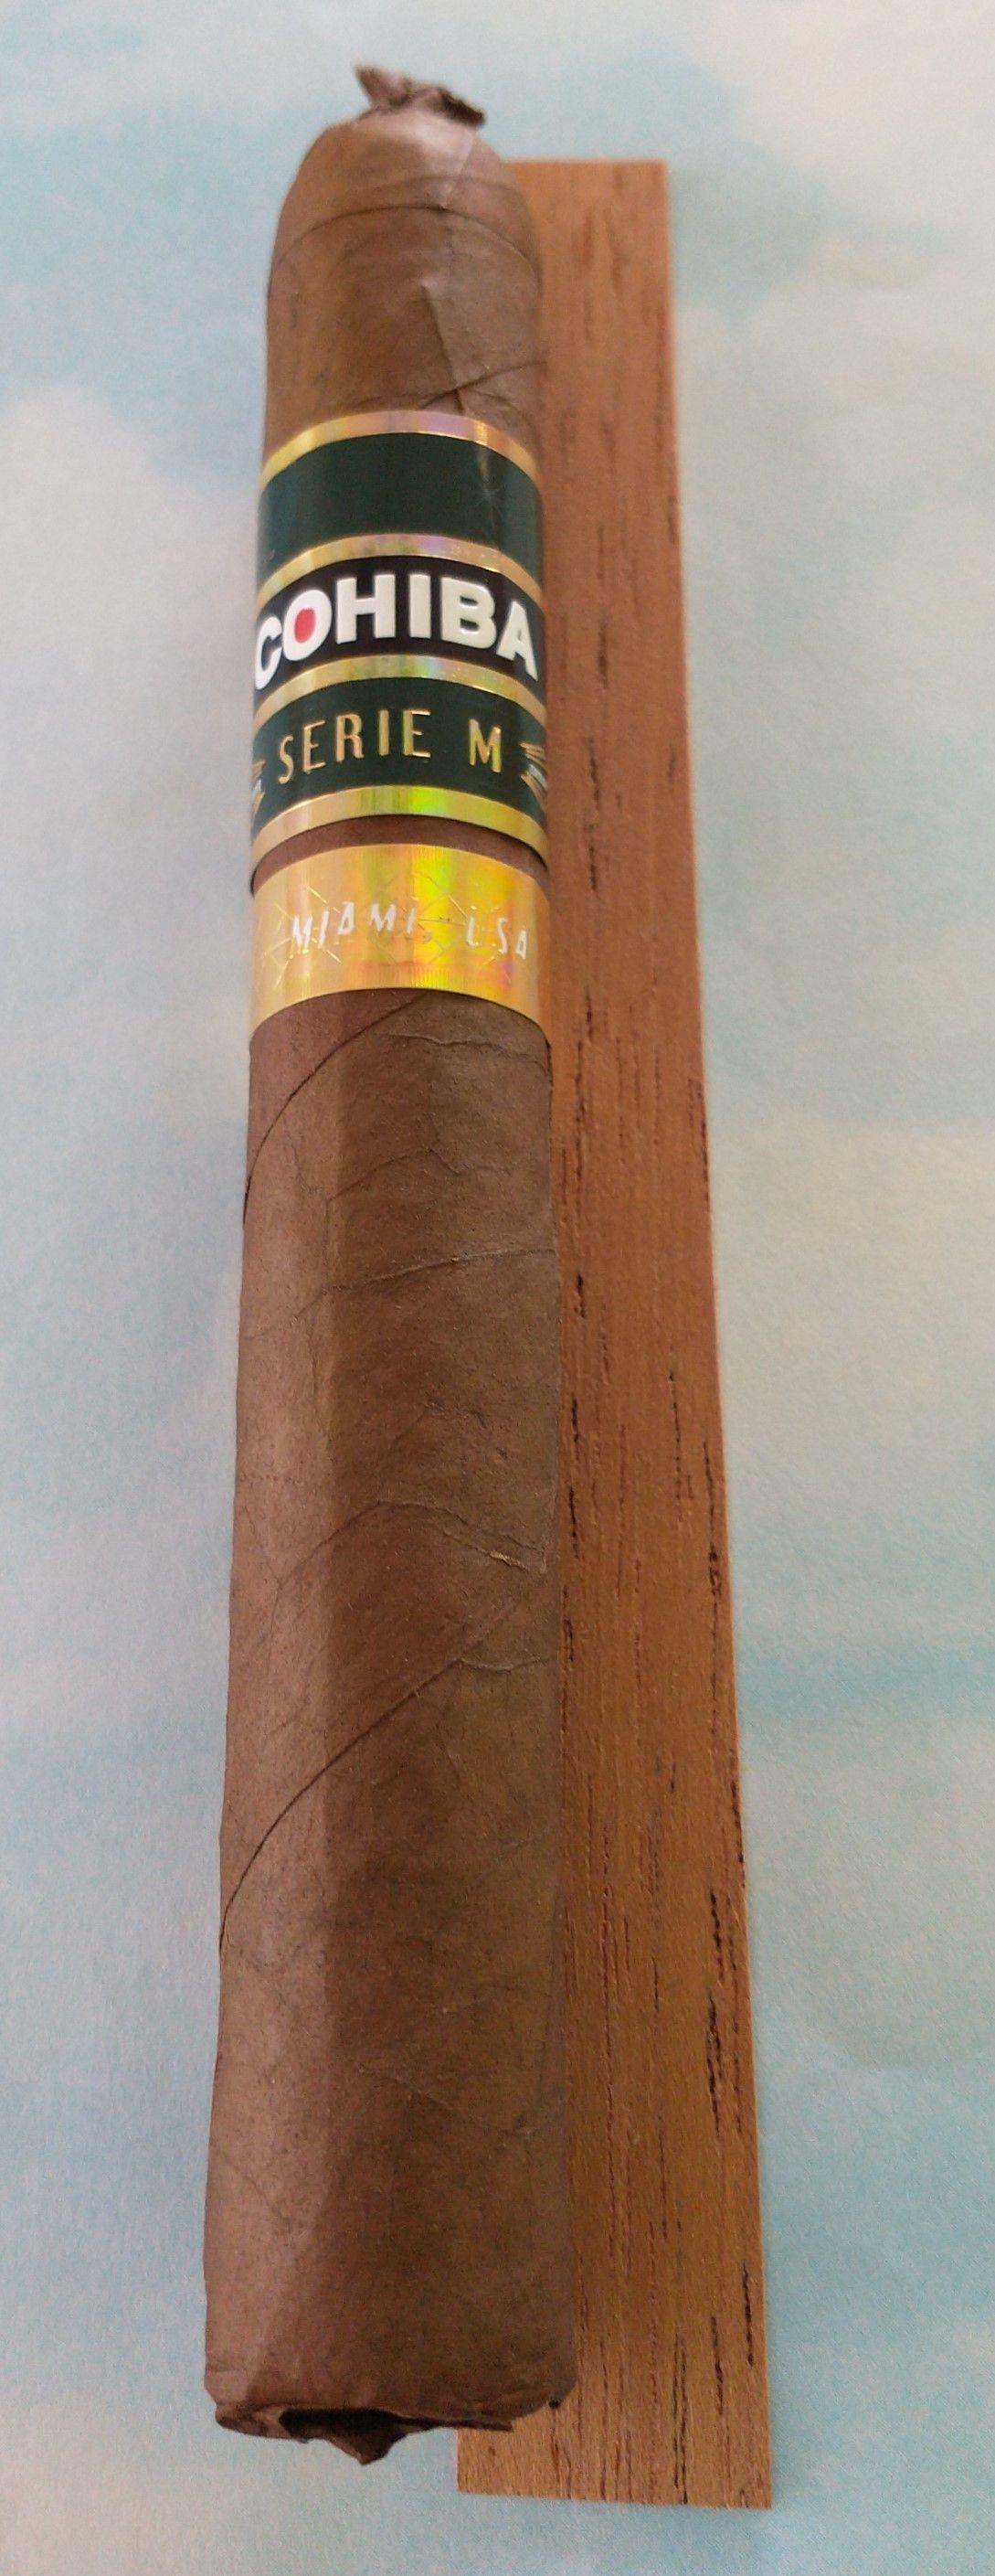 Cohiba Serie M Cigar